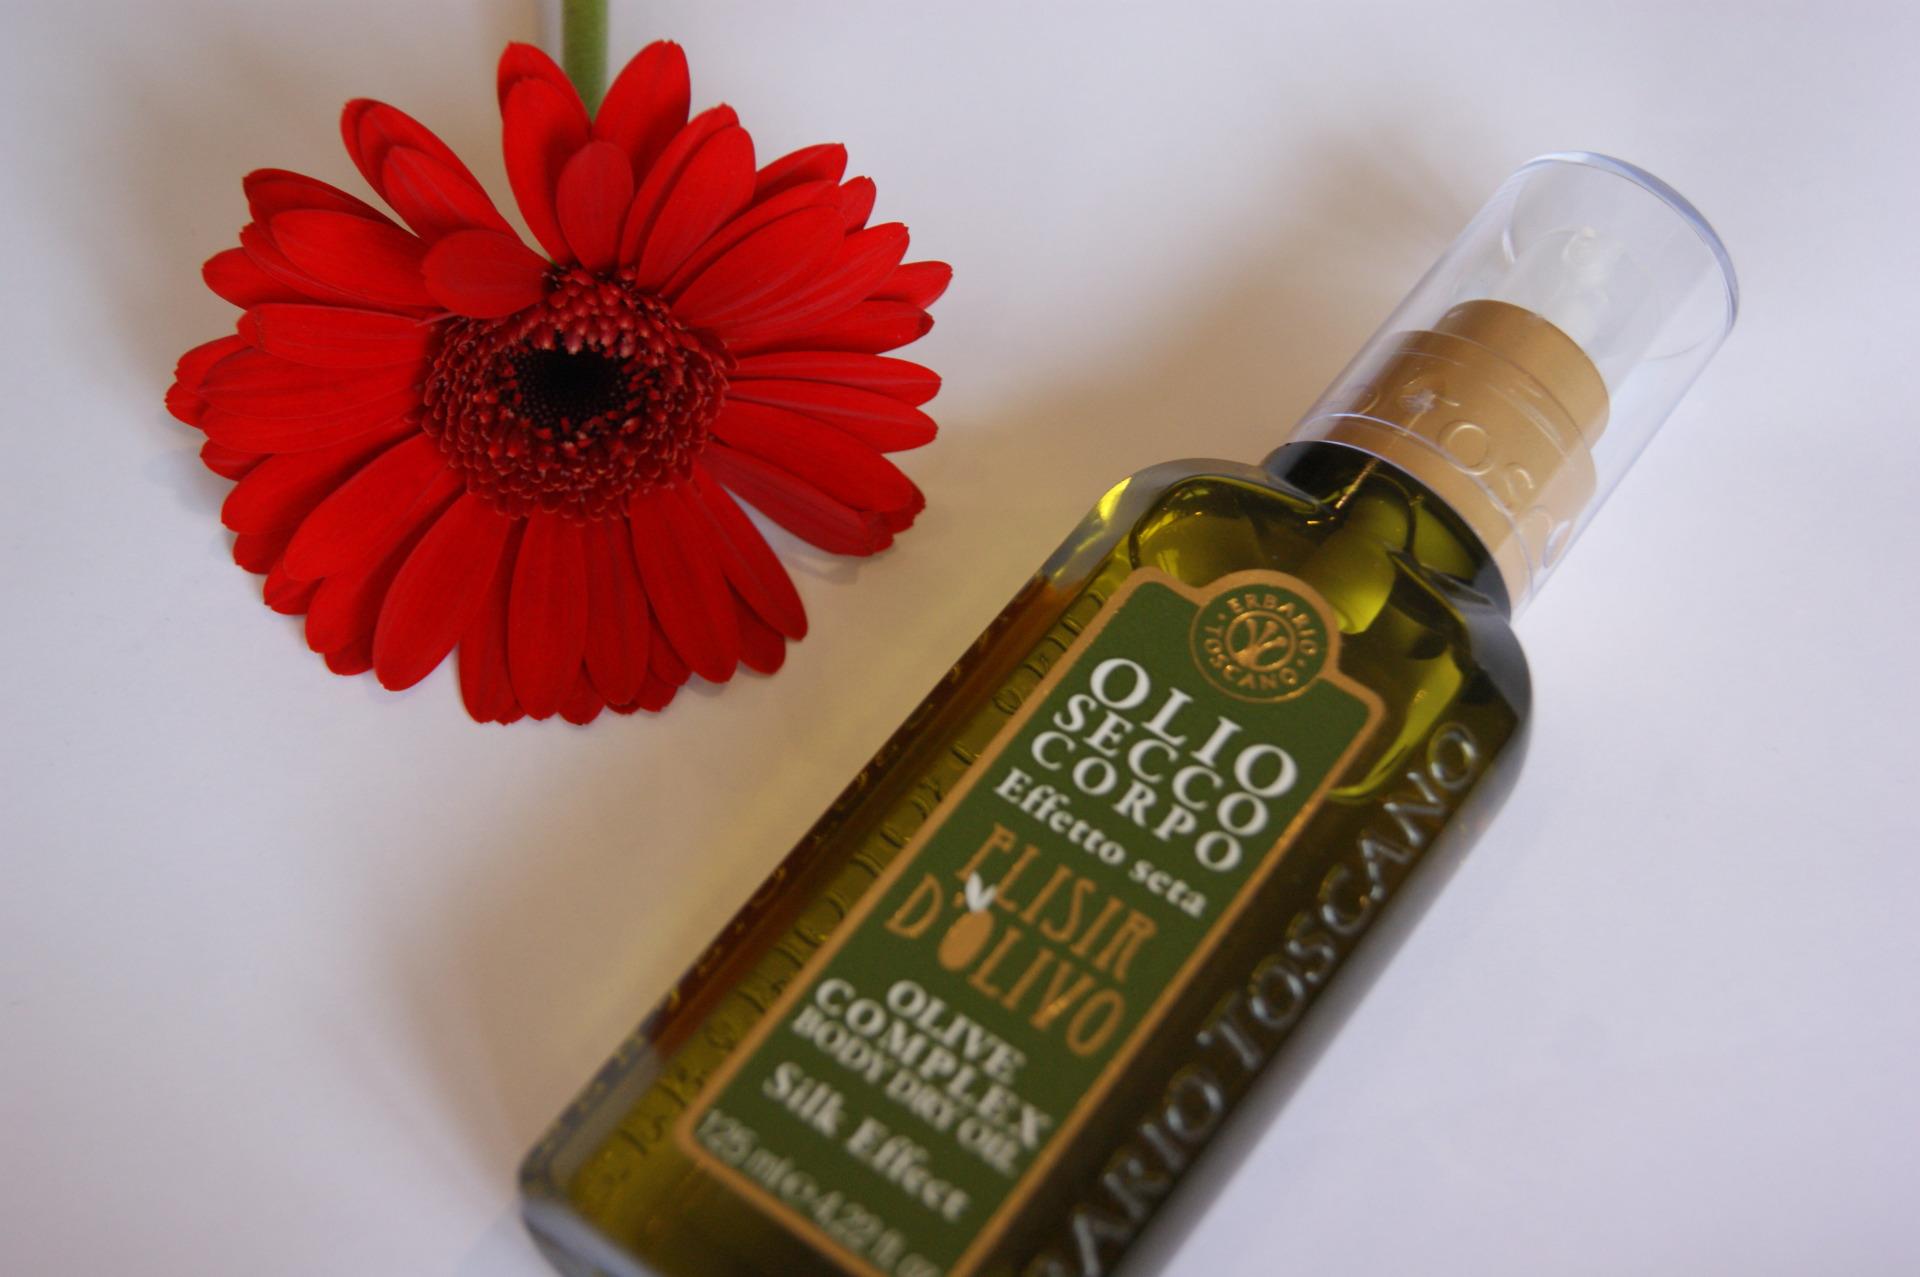 Monica - Erbario Toscano Dry Oil Olive Complex